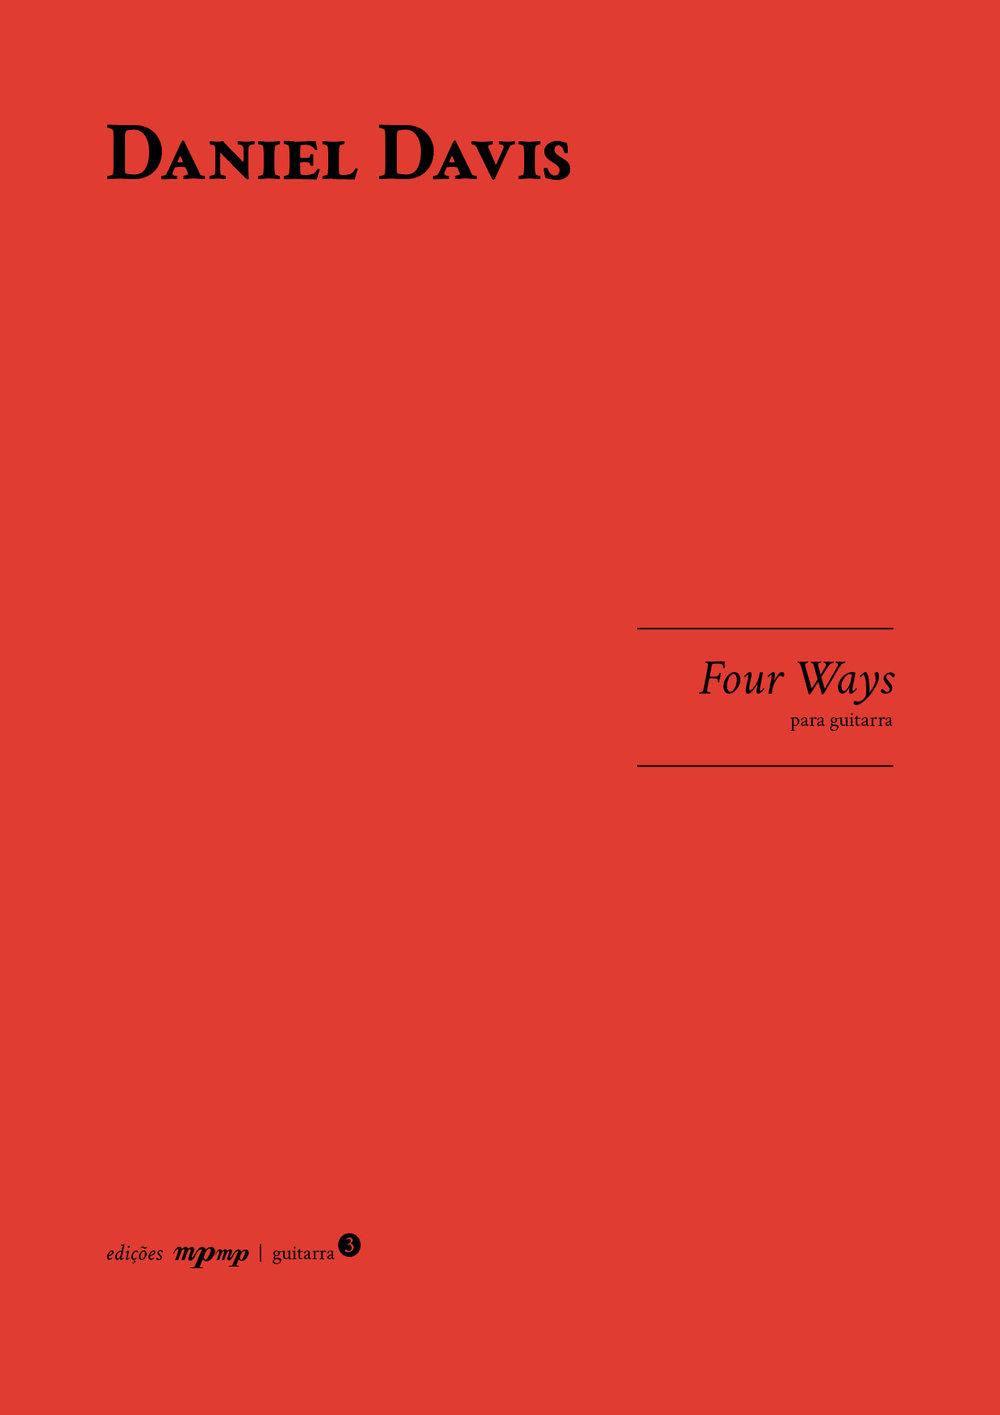 Four Ways para Guitar, capa da edição da mpmp